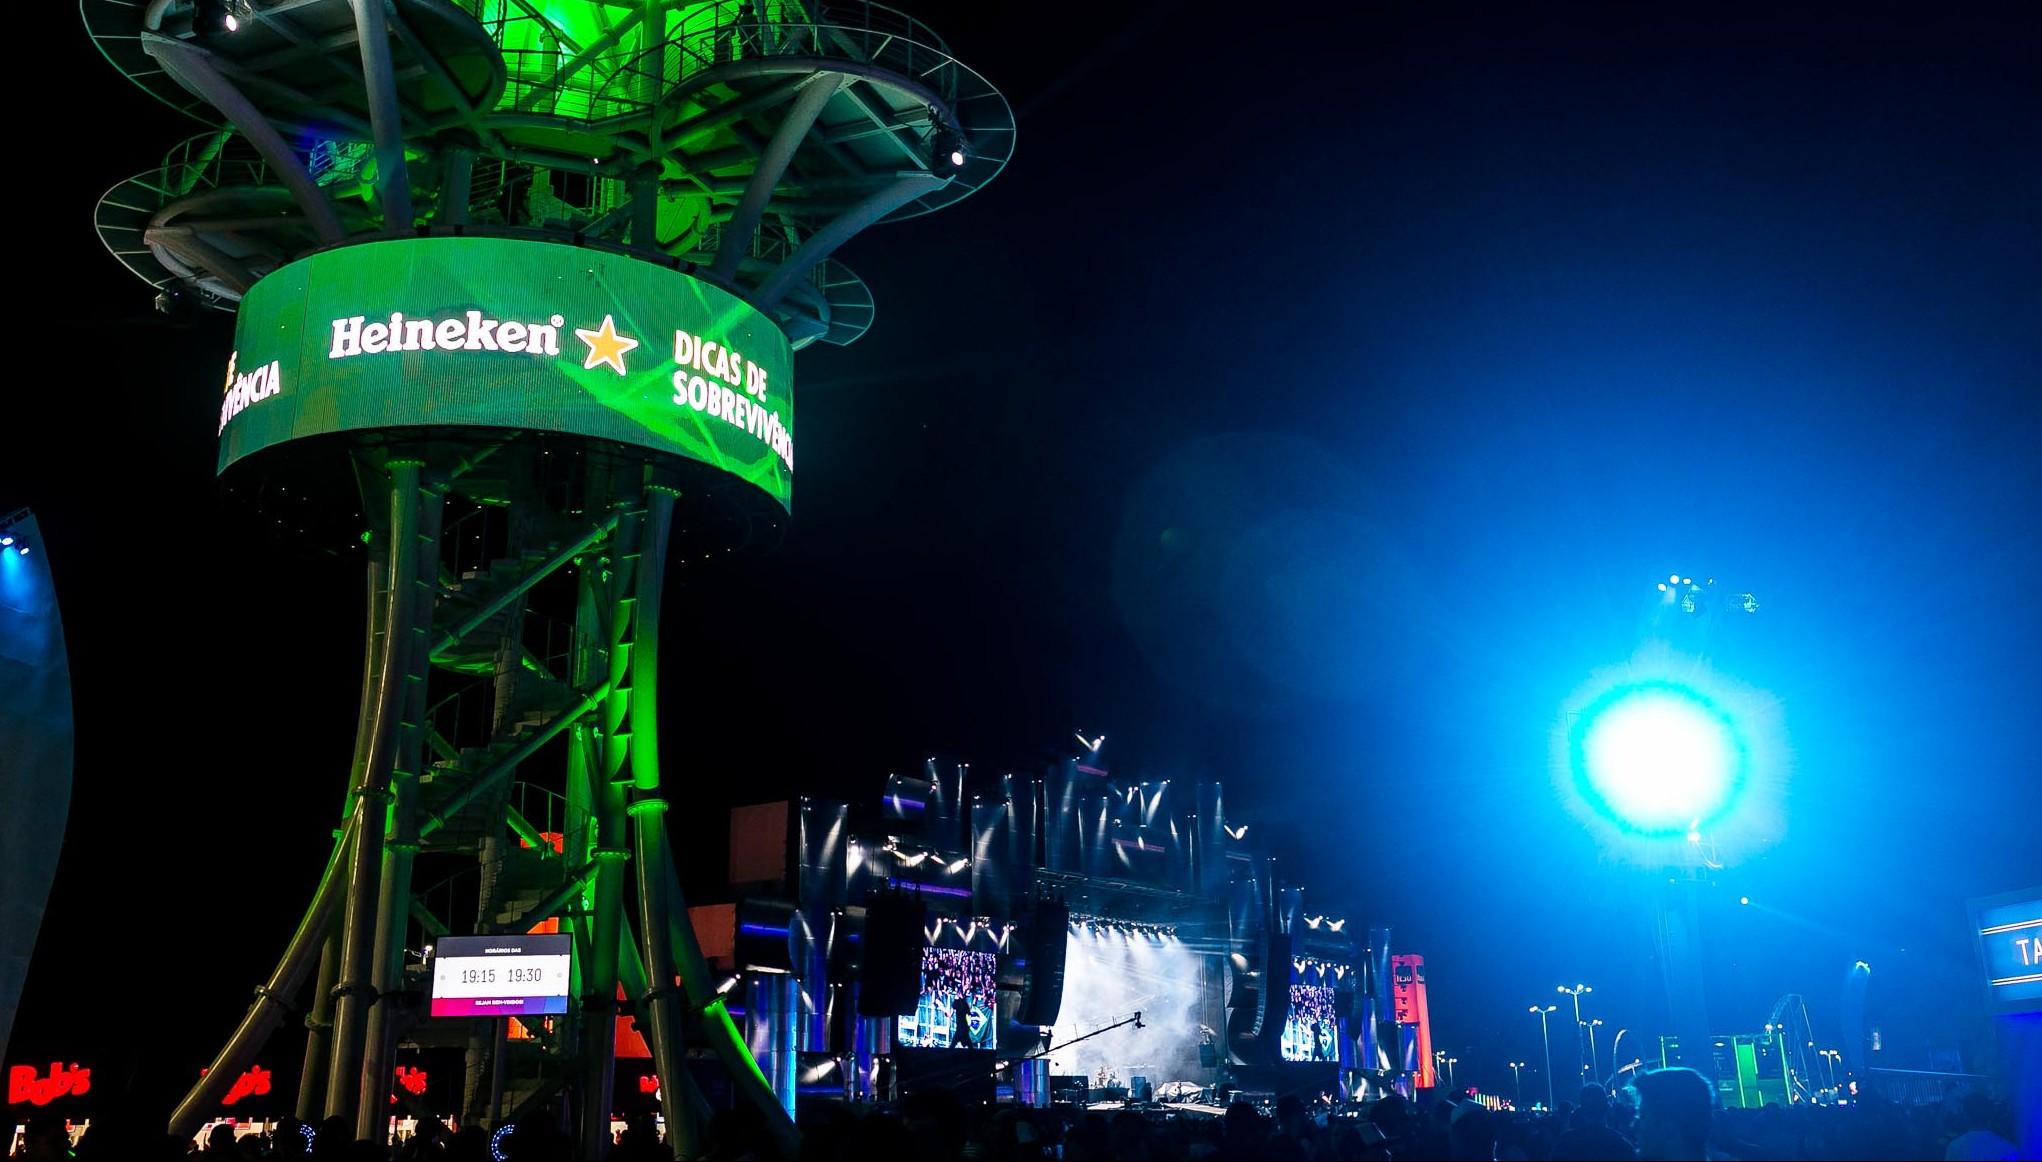 Ativações de marca no Rock in Rio 2019: Heineken investe em aventura e sustentabilidade